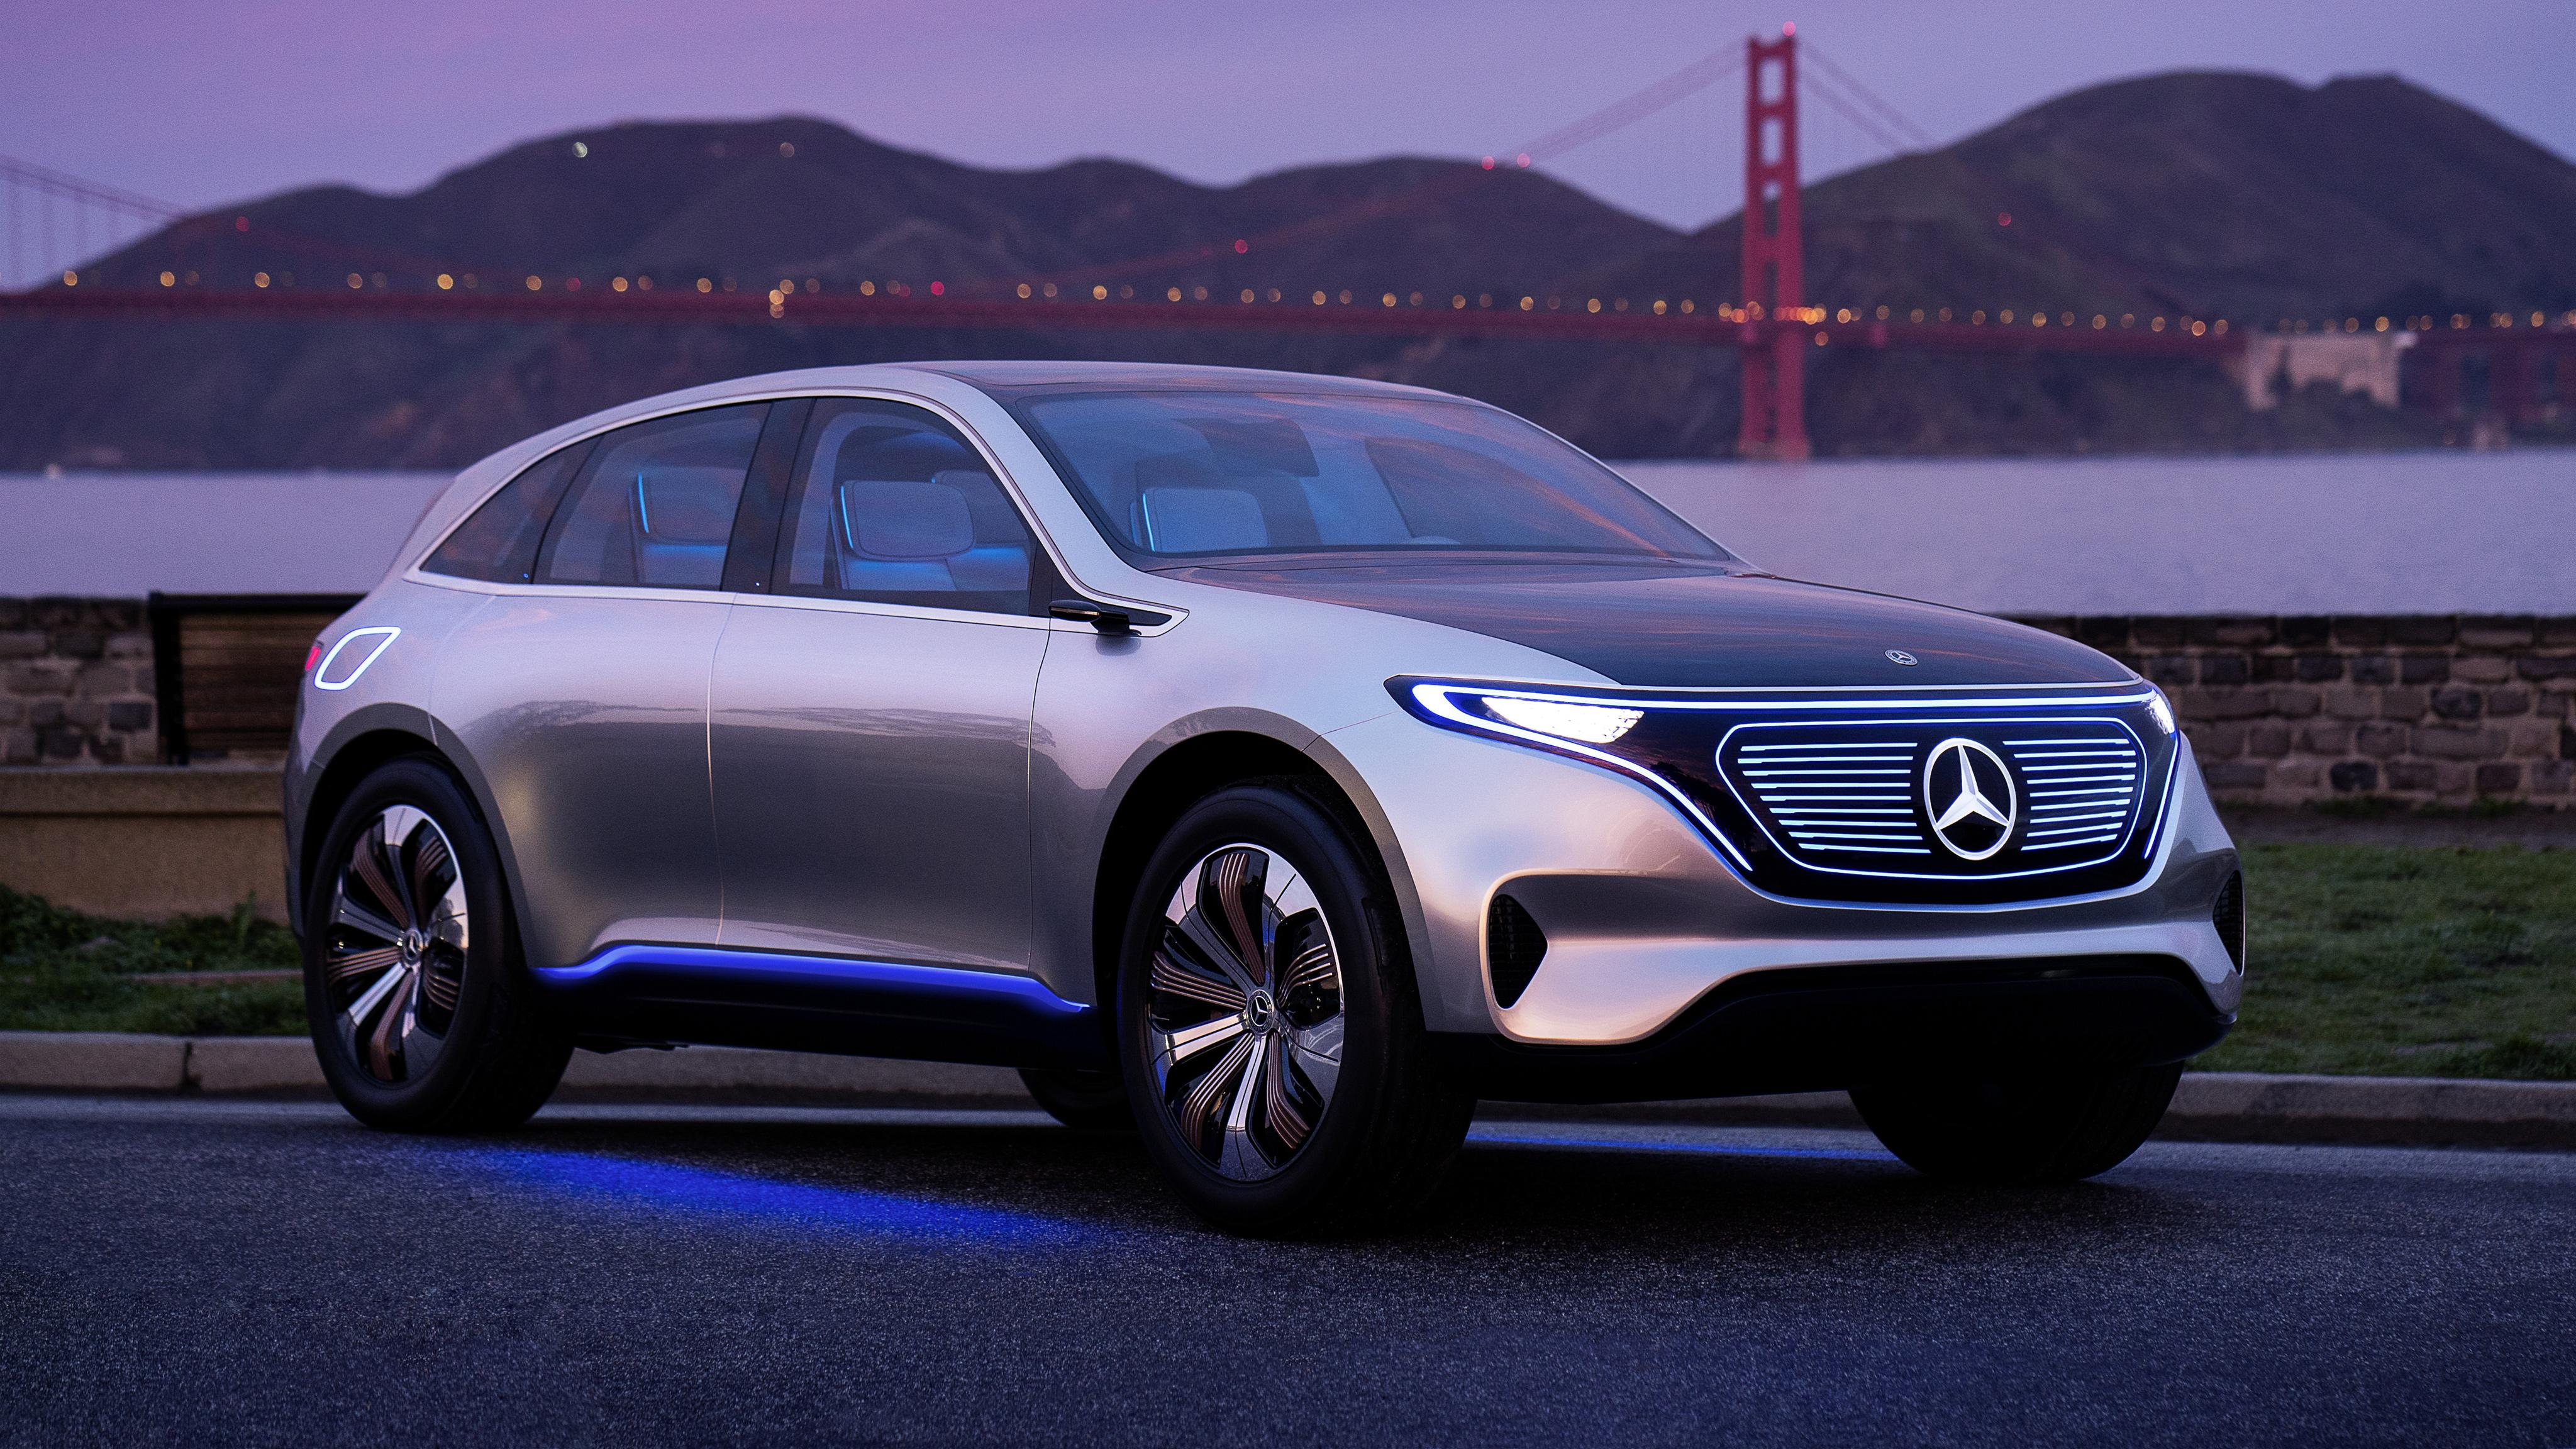 Mercedes benz generation eq concept 4k wallpaper hd car for Mercedes benz concept eq